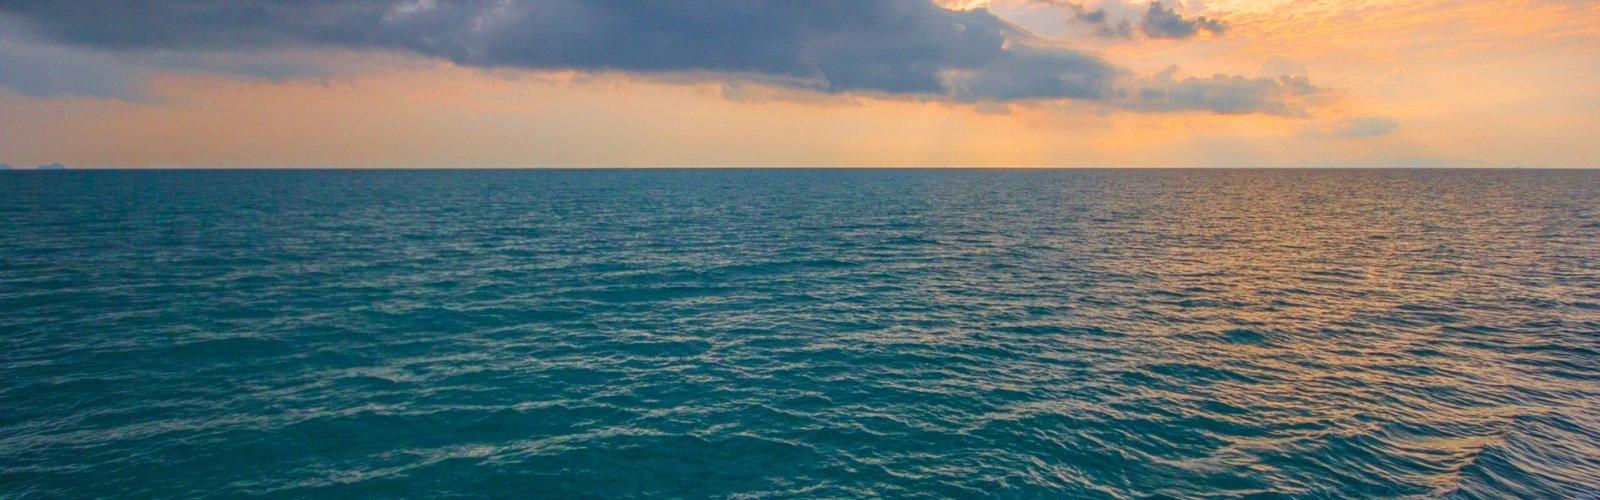 Jesień nad morzem w hotelu SPA (Jesień 2020 -35%)